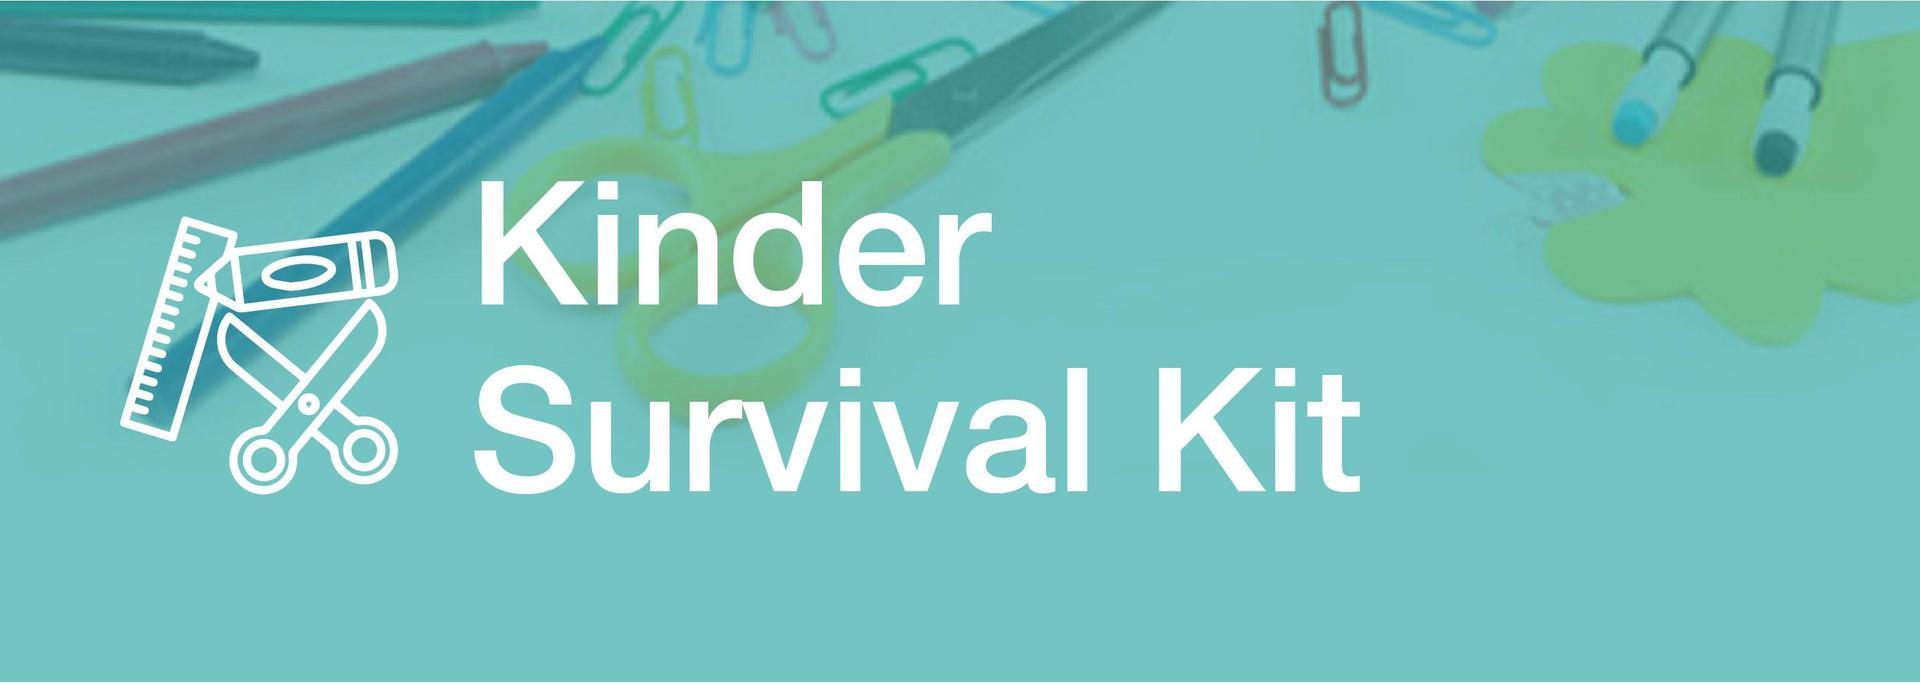 Kinder Survival Kit